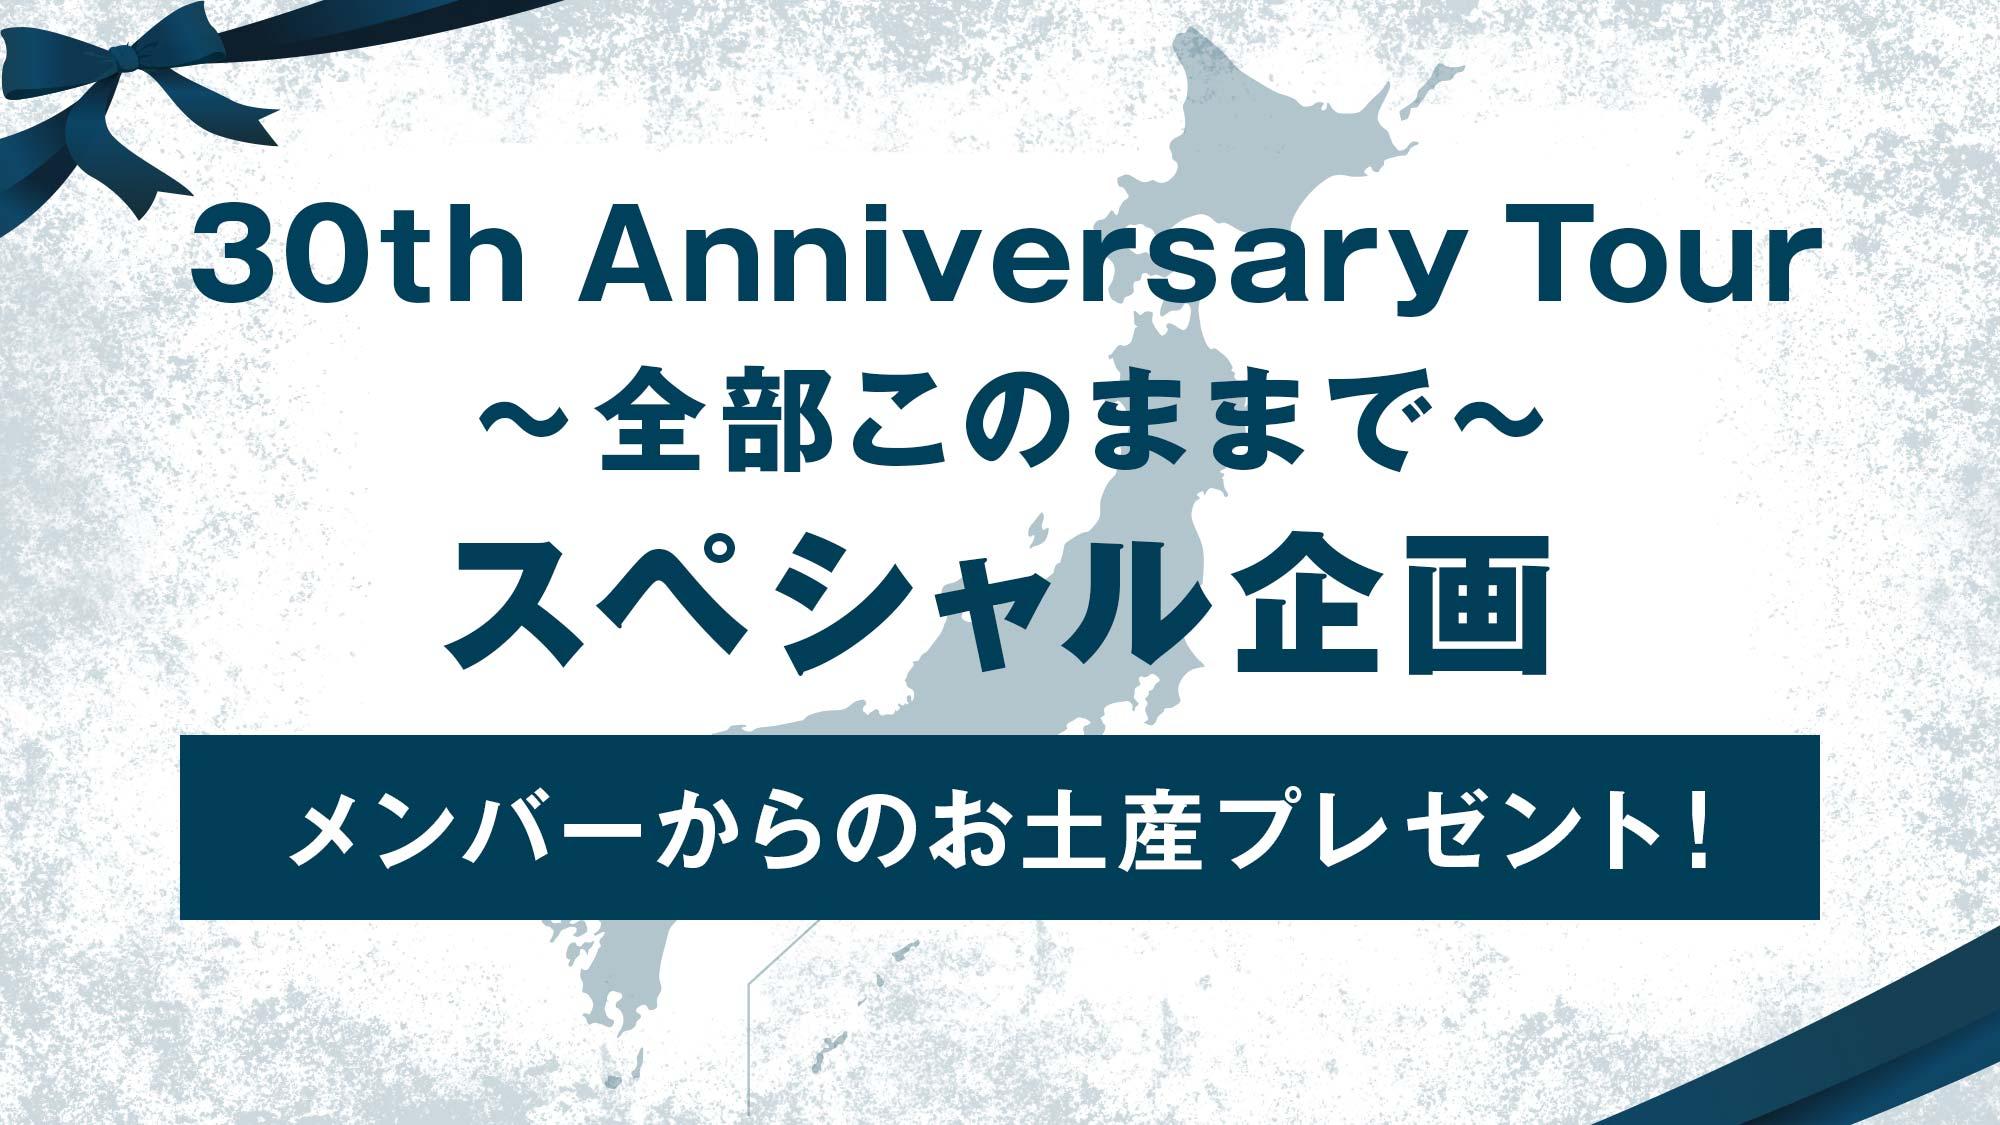 「30th Anniversary Tour ~全部このままで~」スペシャル企画メンバーからのお土産プレゼント!